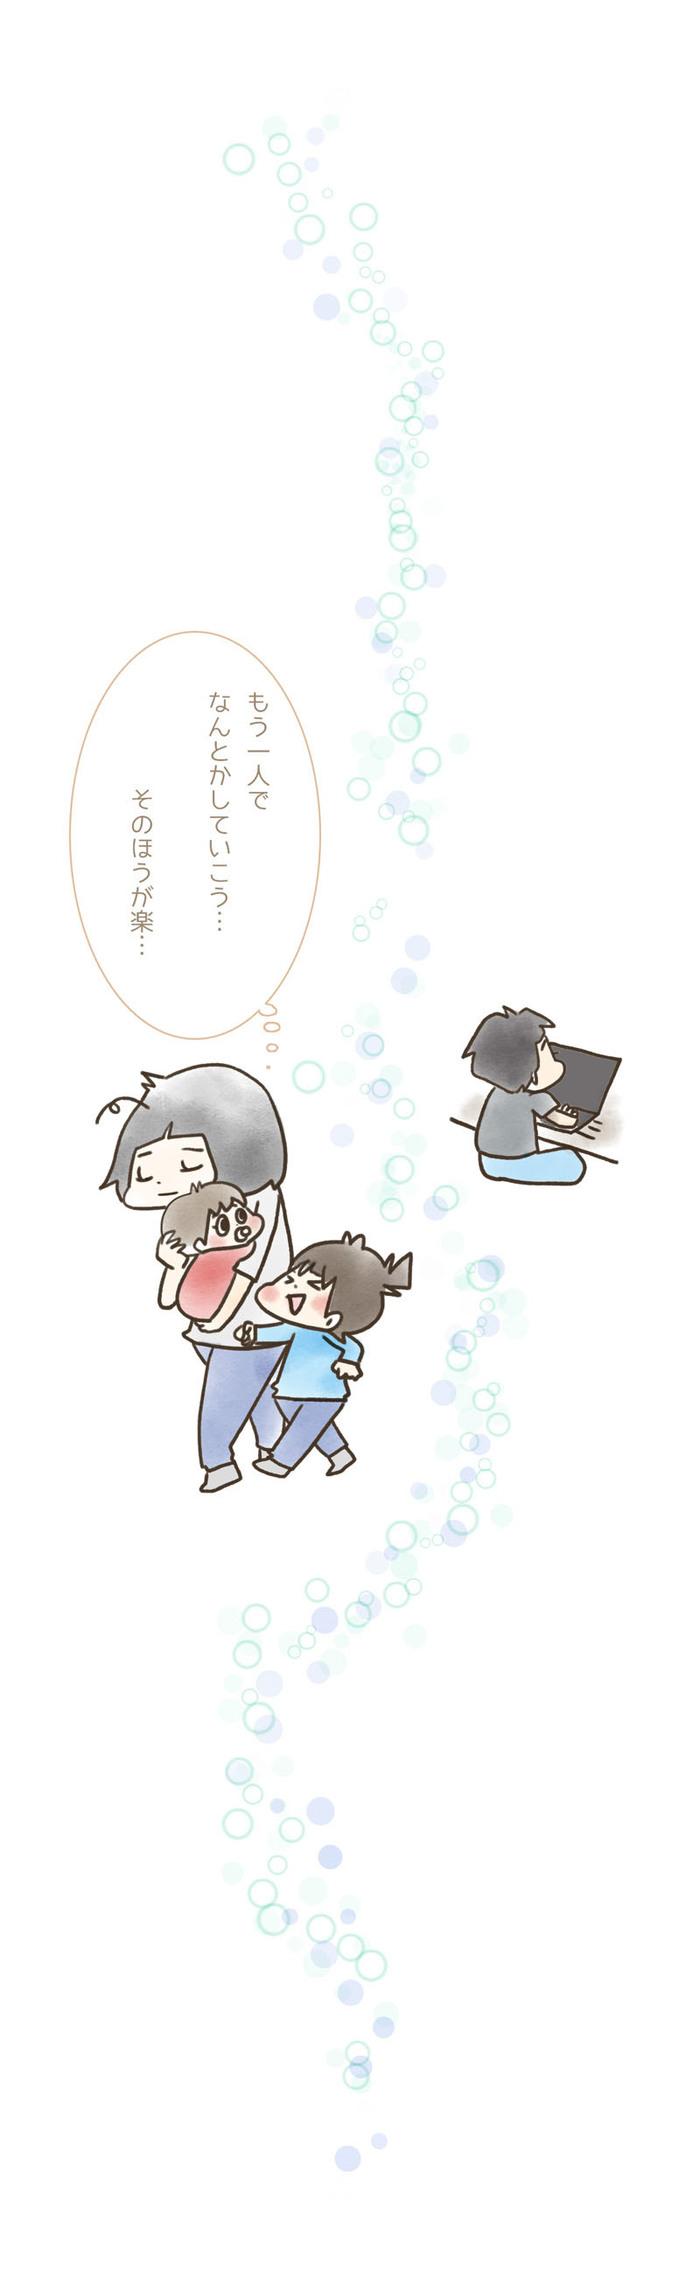 「ママのワンオペ育児=パパは子どもに無関心」ではない!思春期育児で気付いたことの画像4